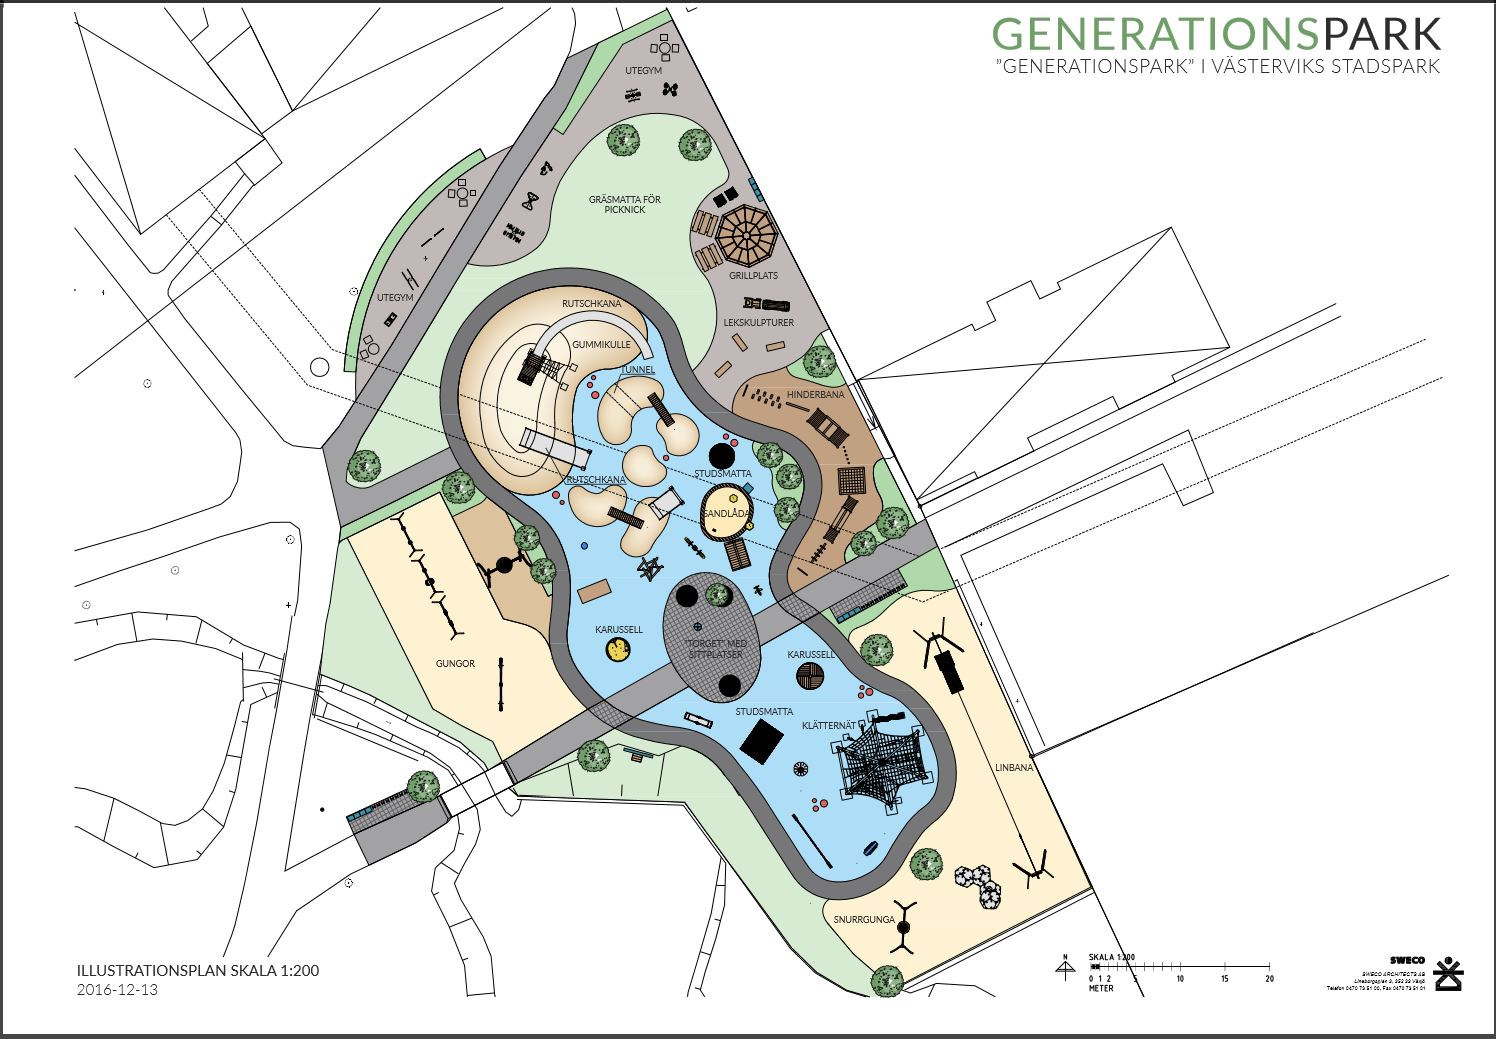 Stadsparken's generation park